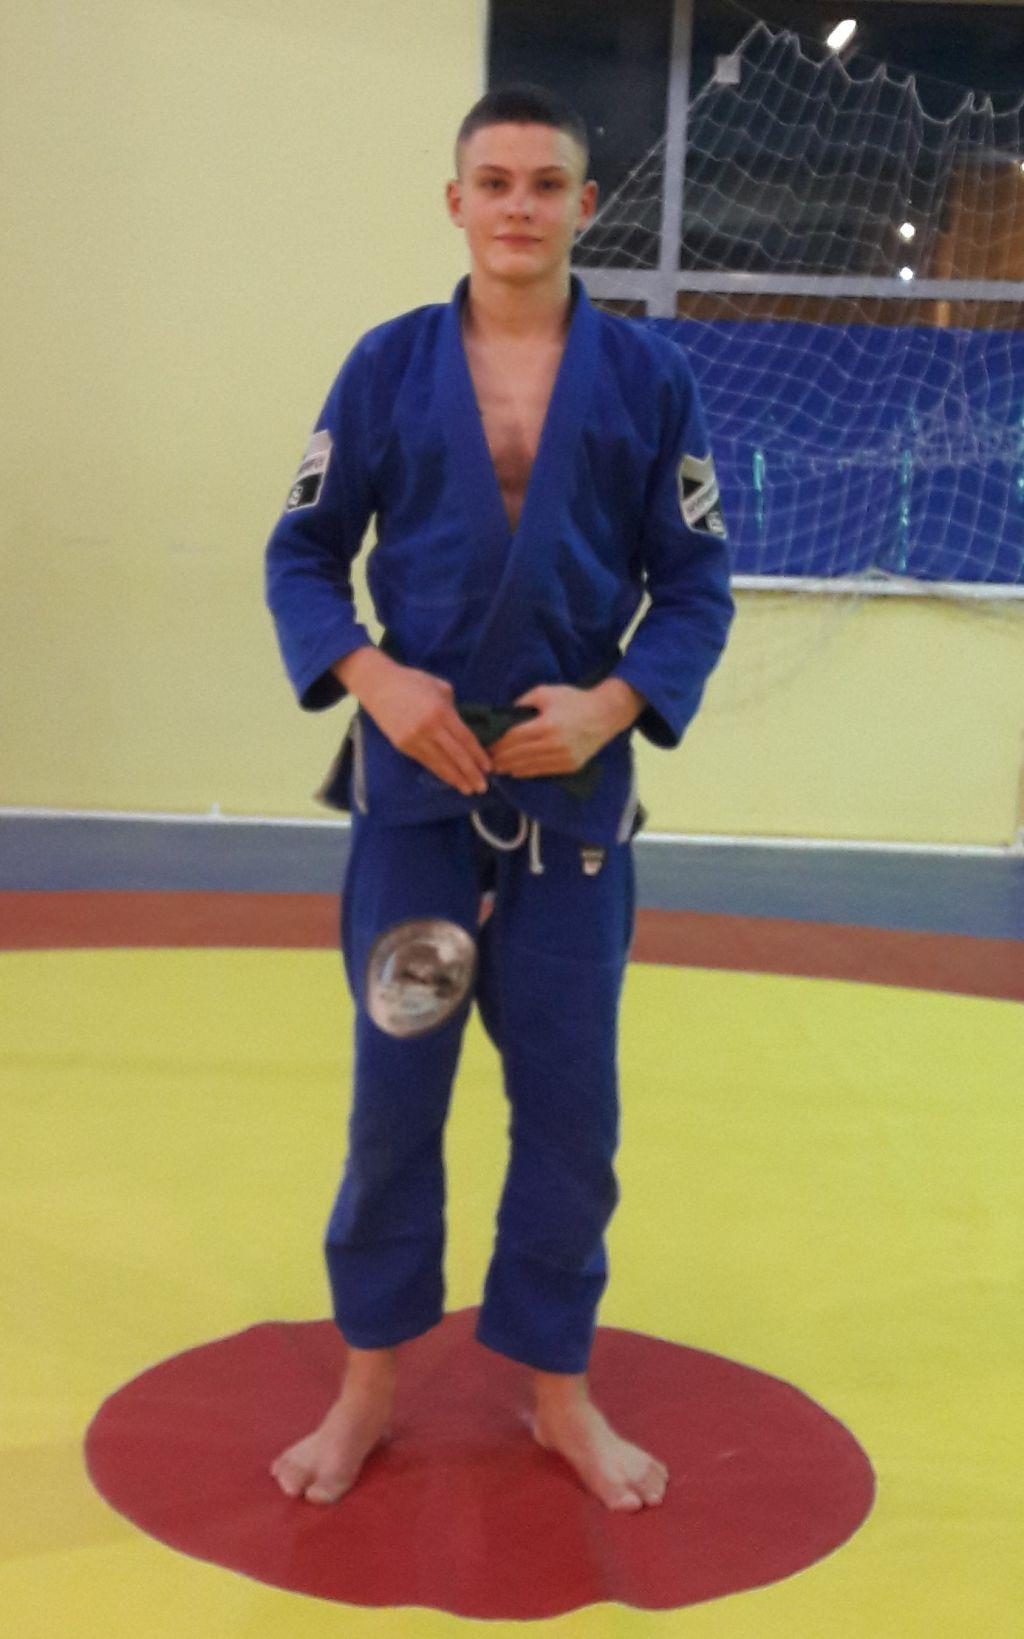 Поздравляем Никиту Токарева с Днём Рождения! Желаем Ему Здоровья и Успехов в Учёбе и Спорте!